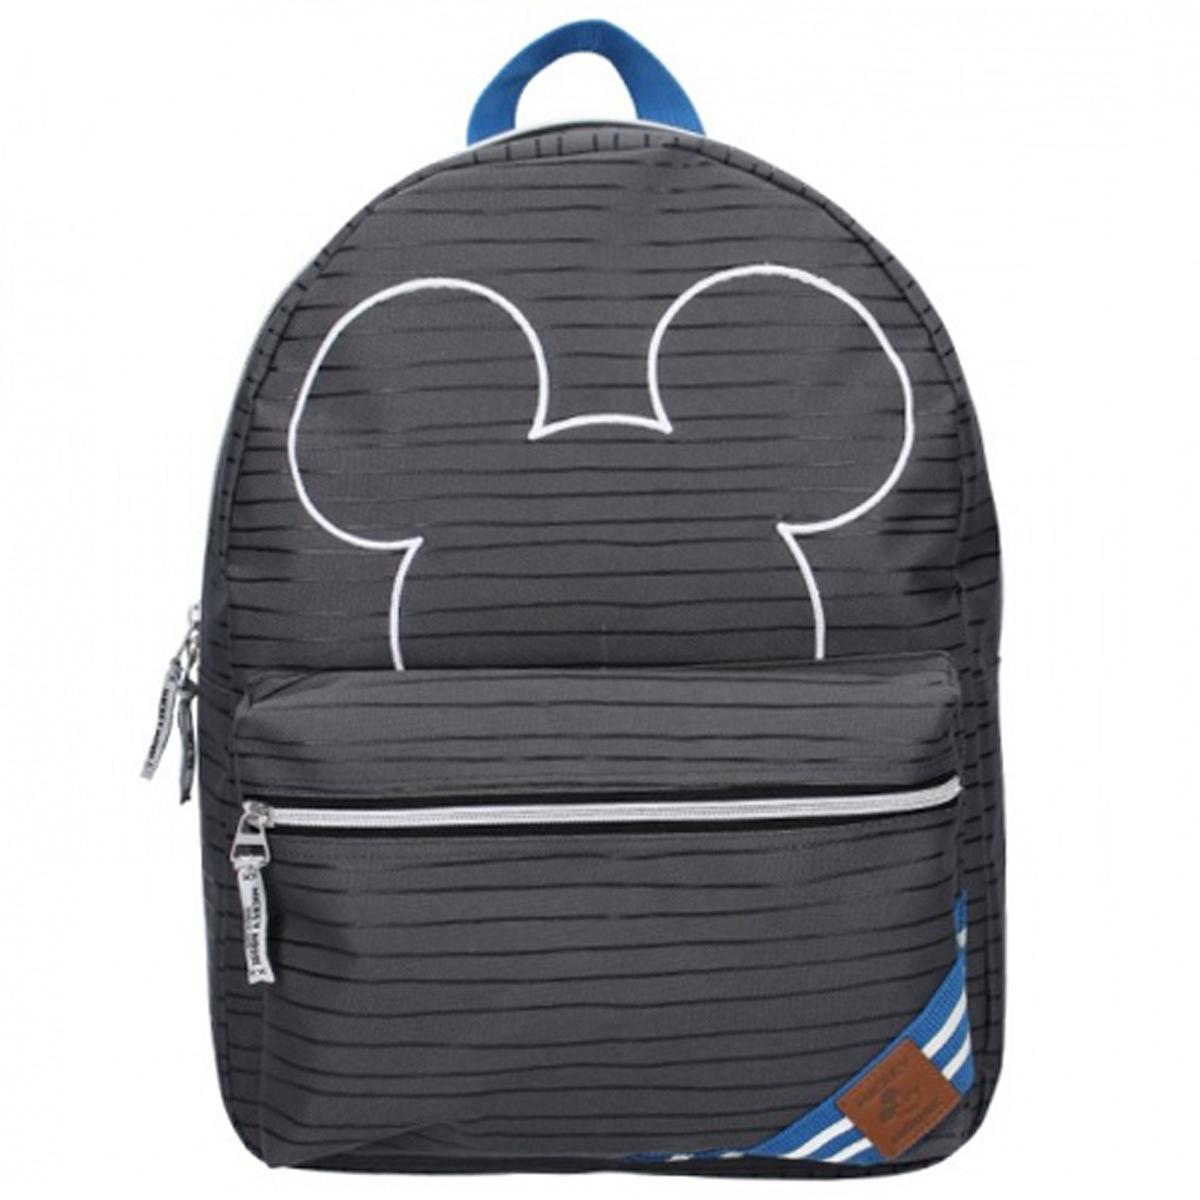 Sac à dos créateur \'Mickey\' gris - 39x29x16 cm - [Q8689]